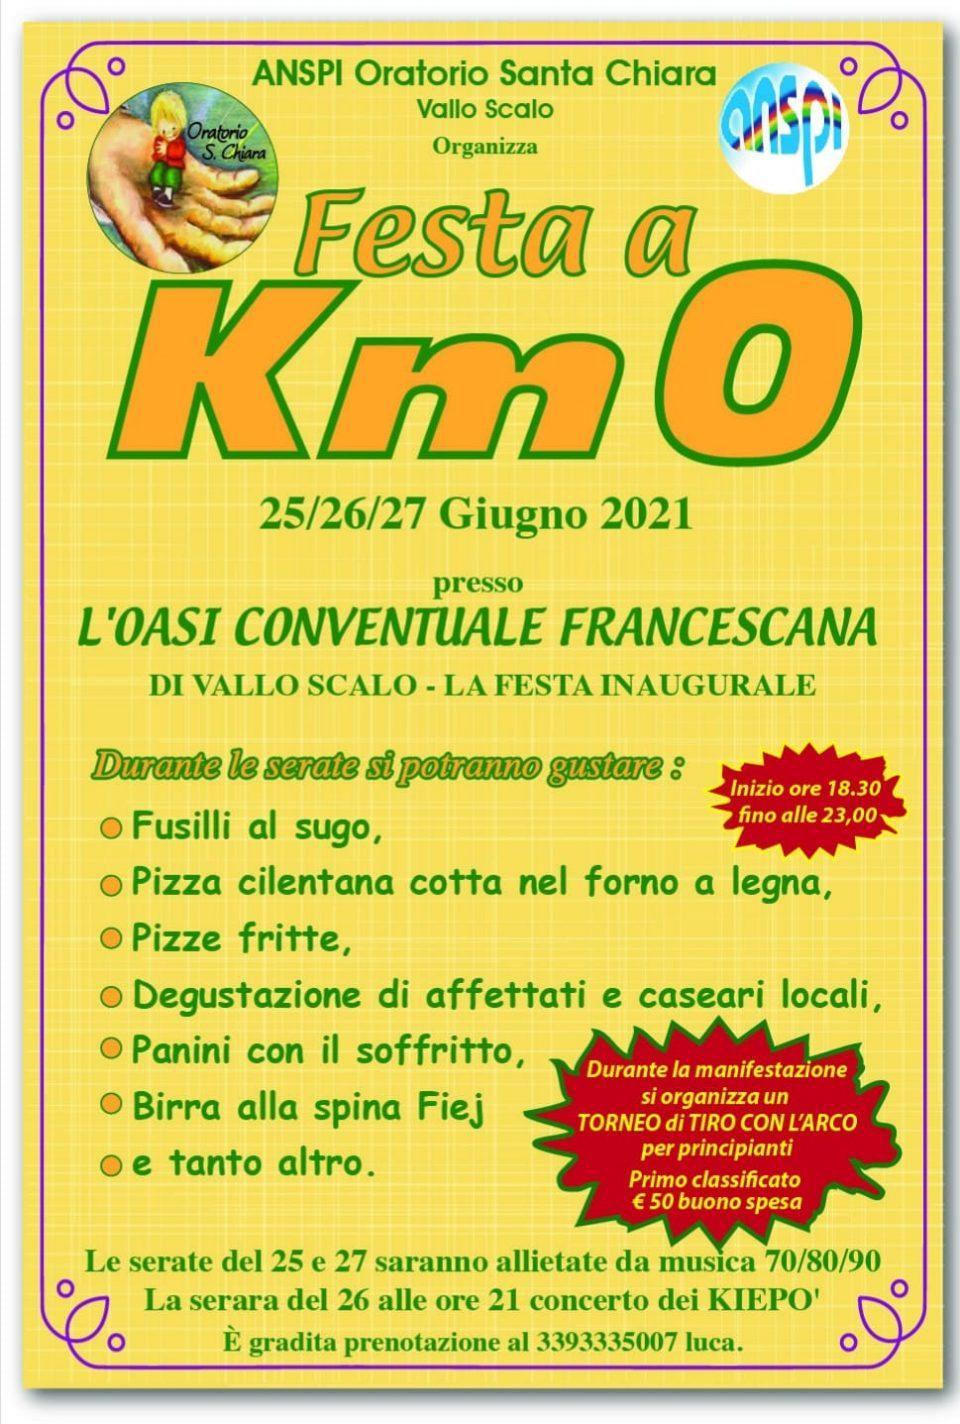 Festa a km zero Vallo Scalo Cilento Programma 960x1424 - Vallo Scalo, Festa a km zero - dal 25 al 27 Giugno 2021